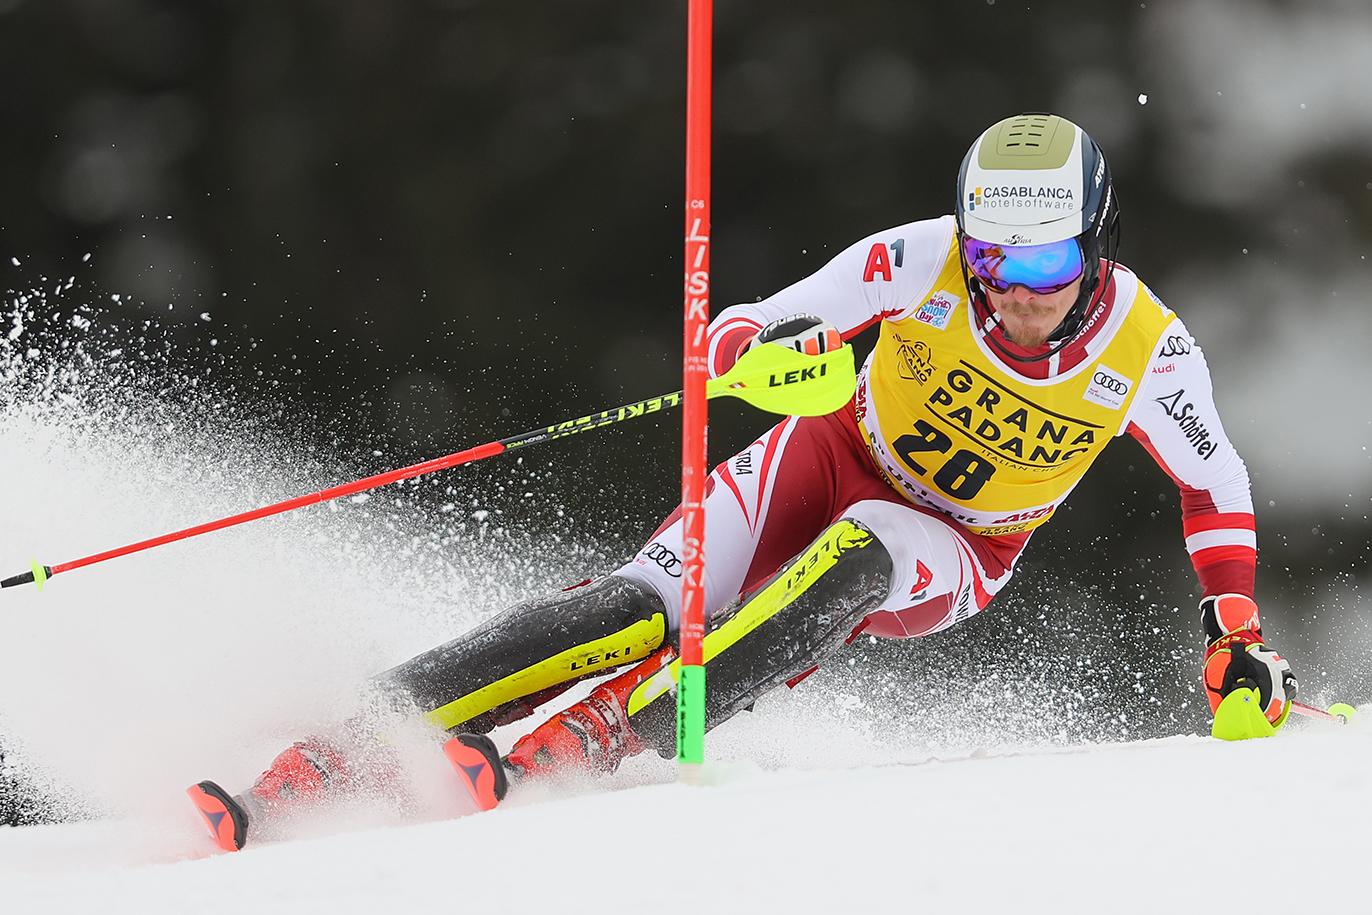 Manuel Feller Skibild 1